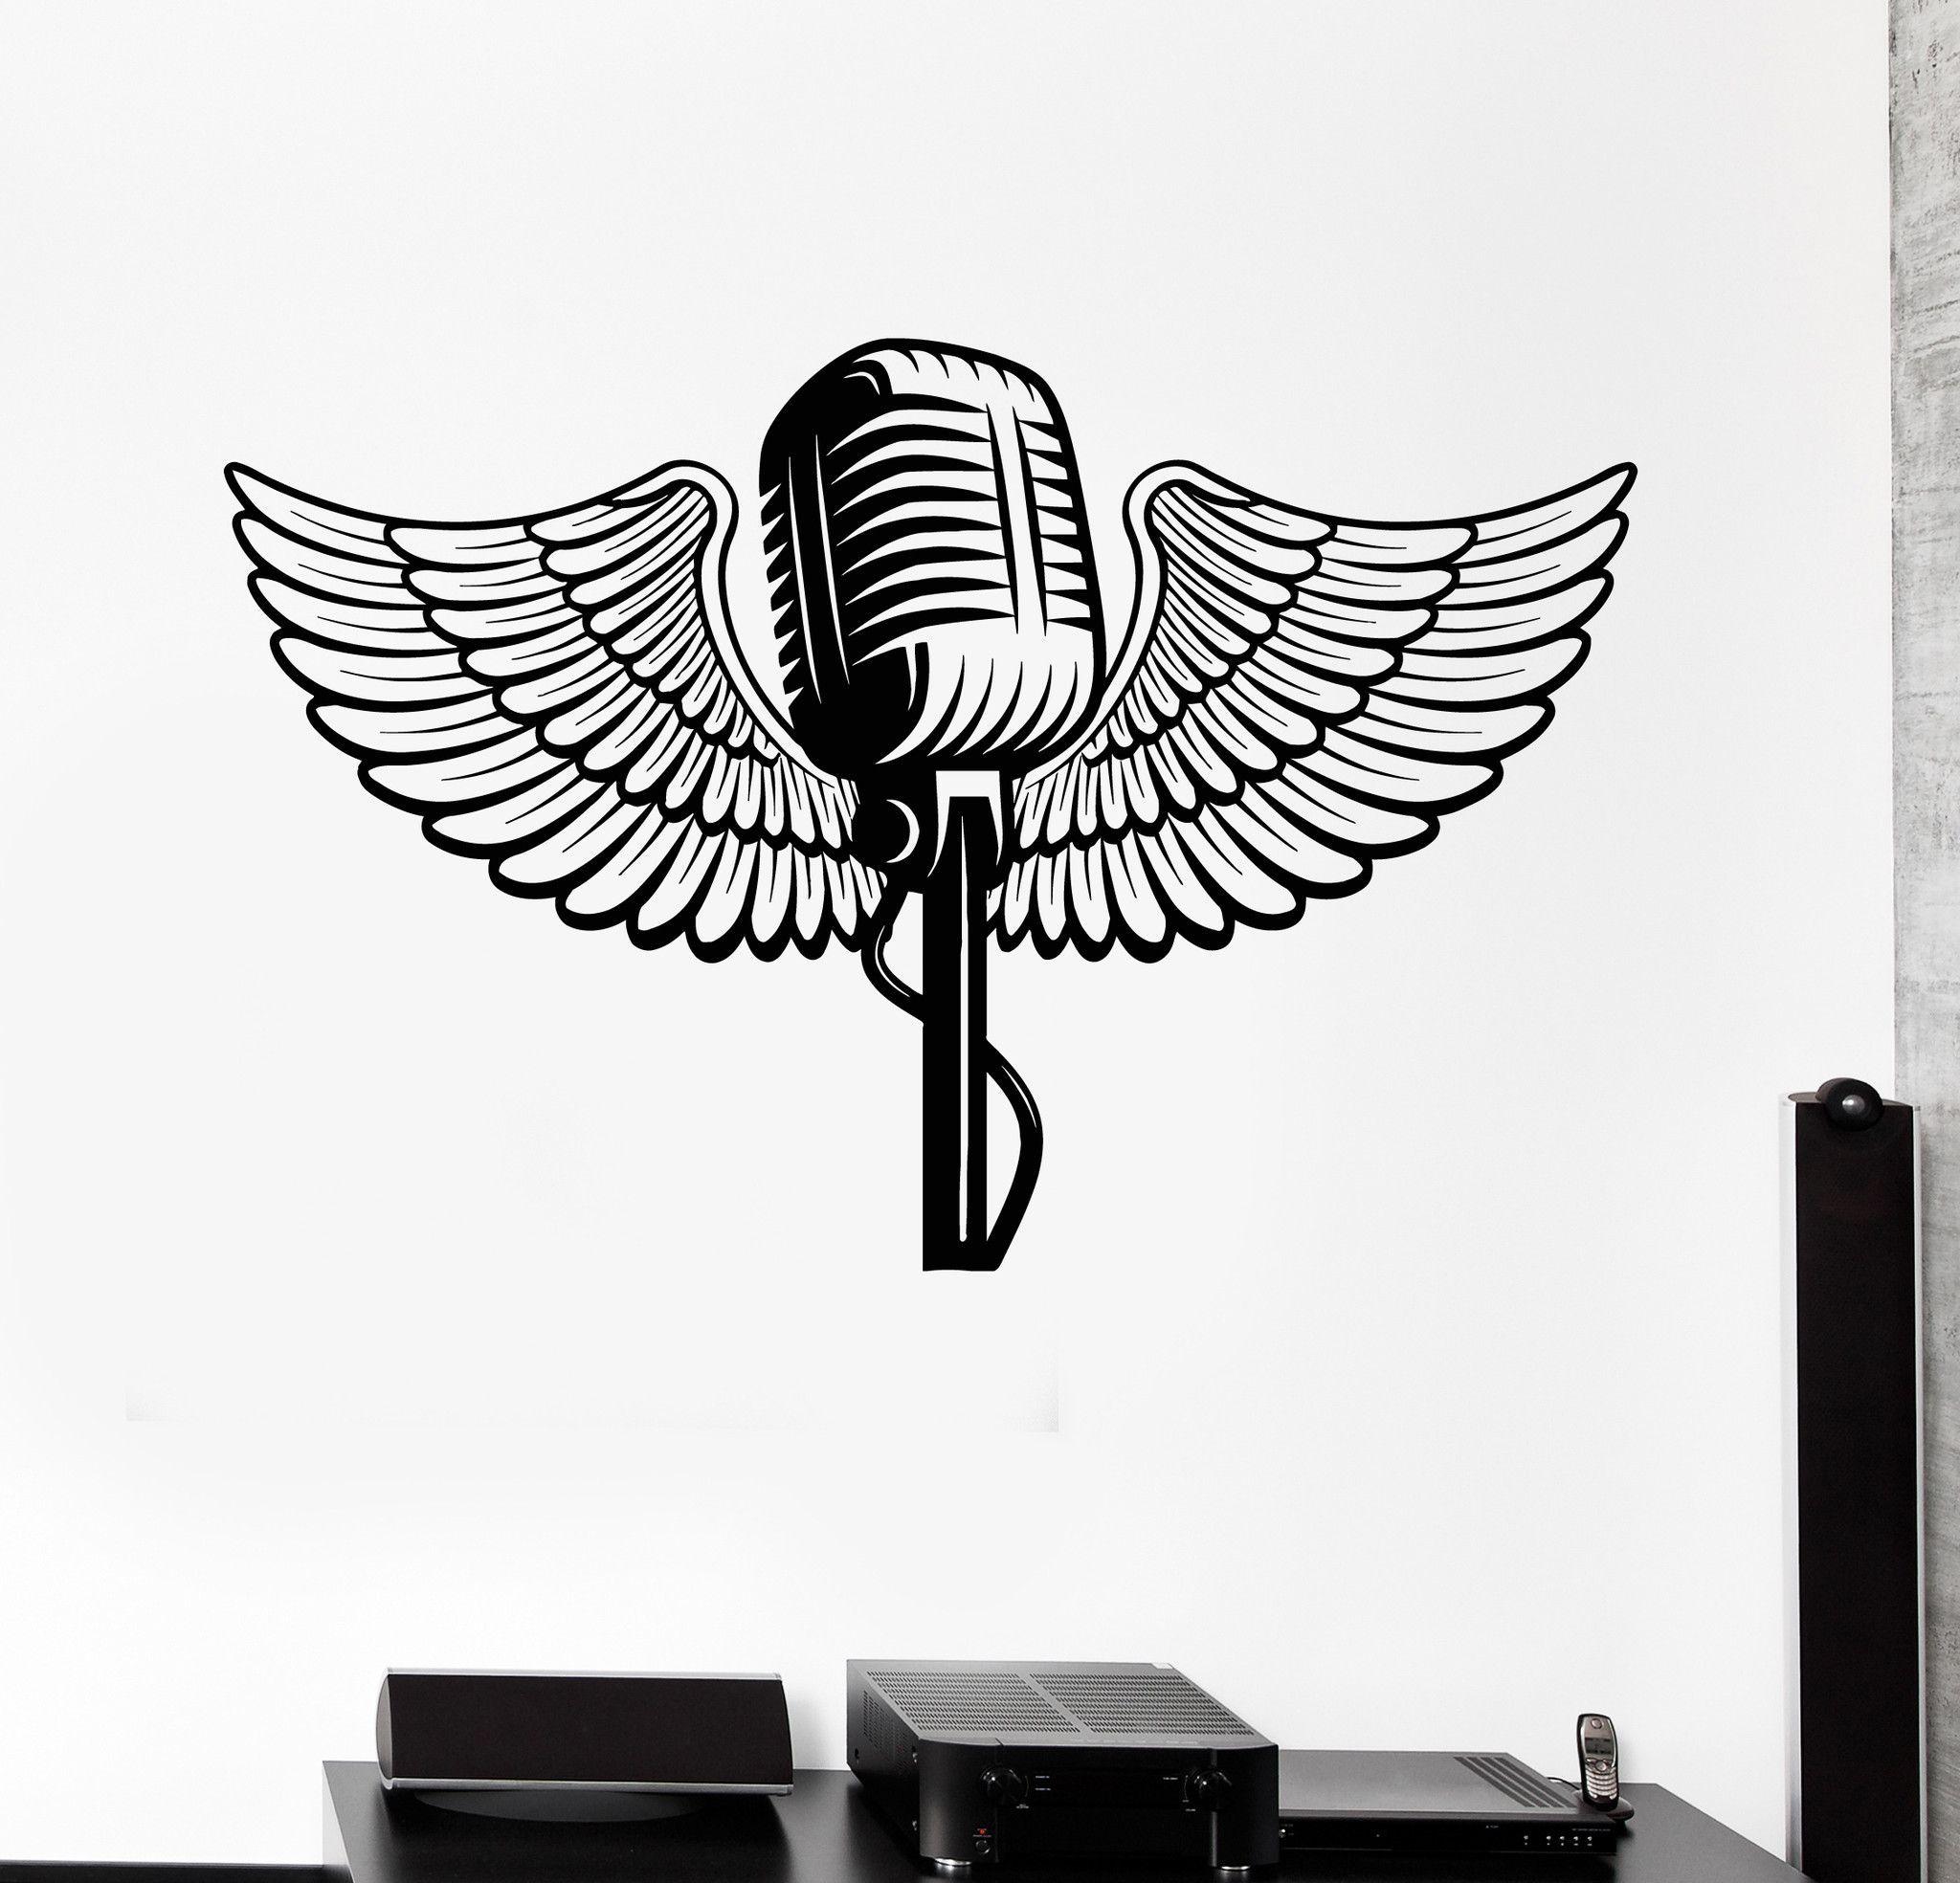 Картинки микрофона с крыльями